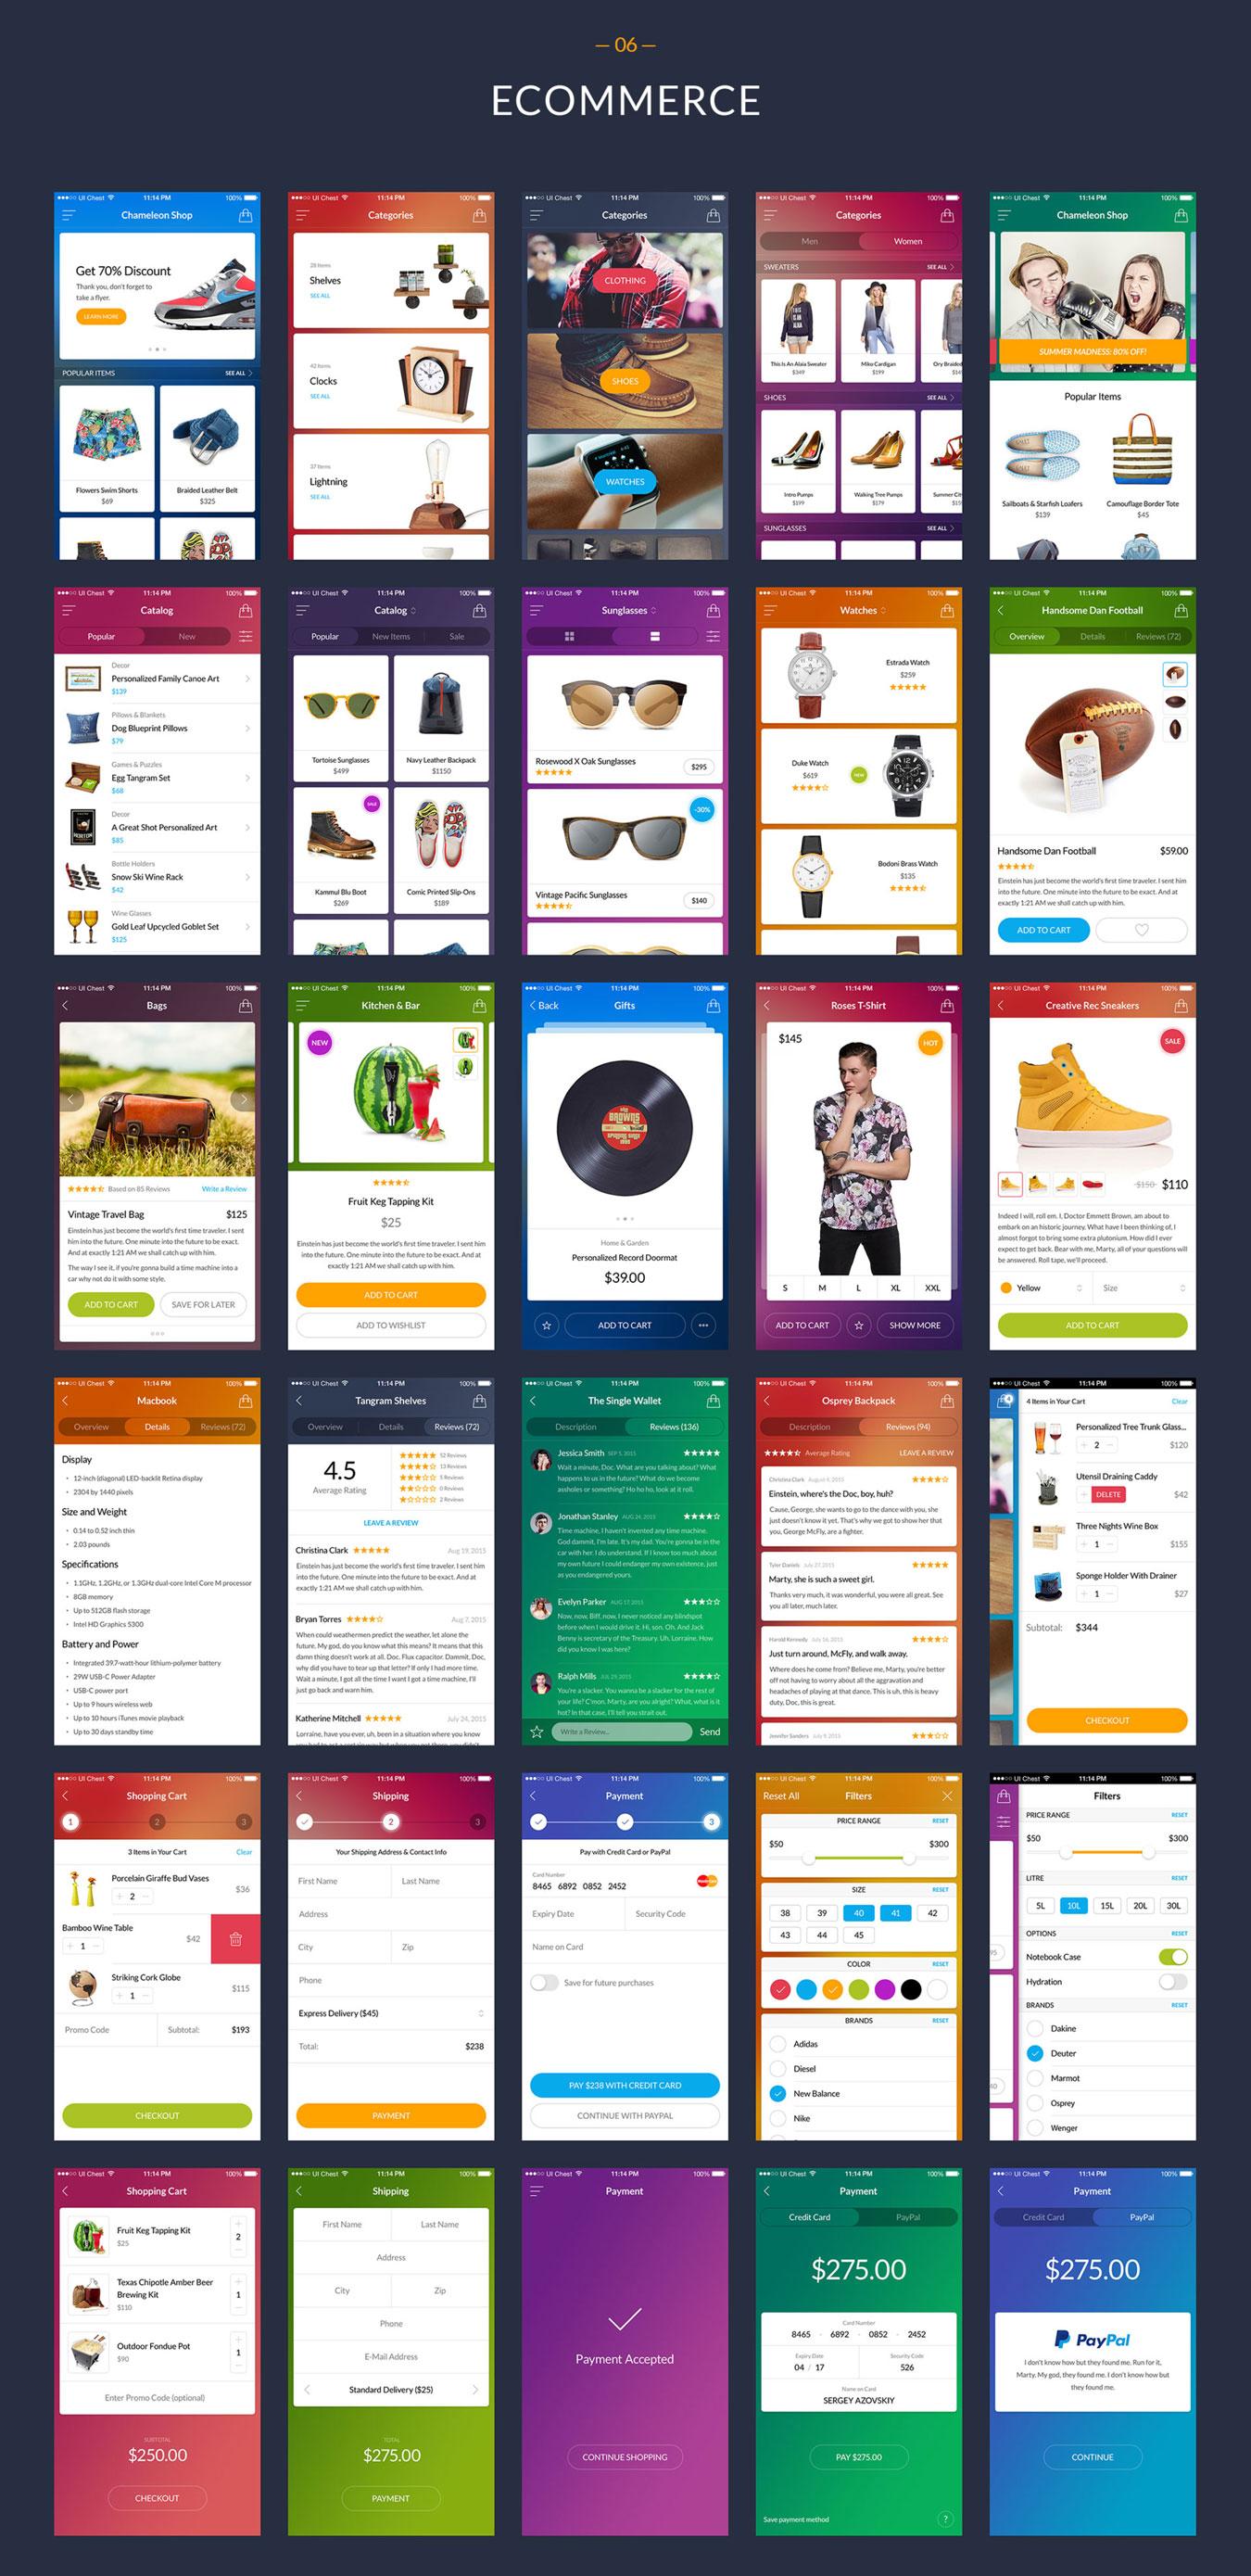 多功能在线购物摄影社交软件APP UI设计模板套件 Chameleon UI Kit插图(8)